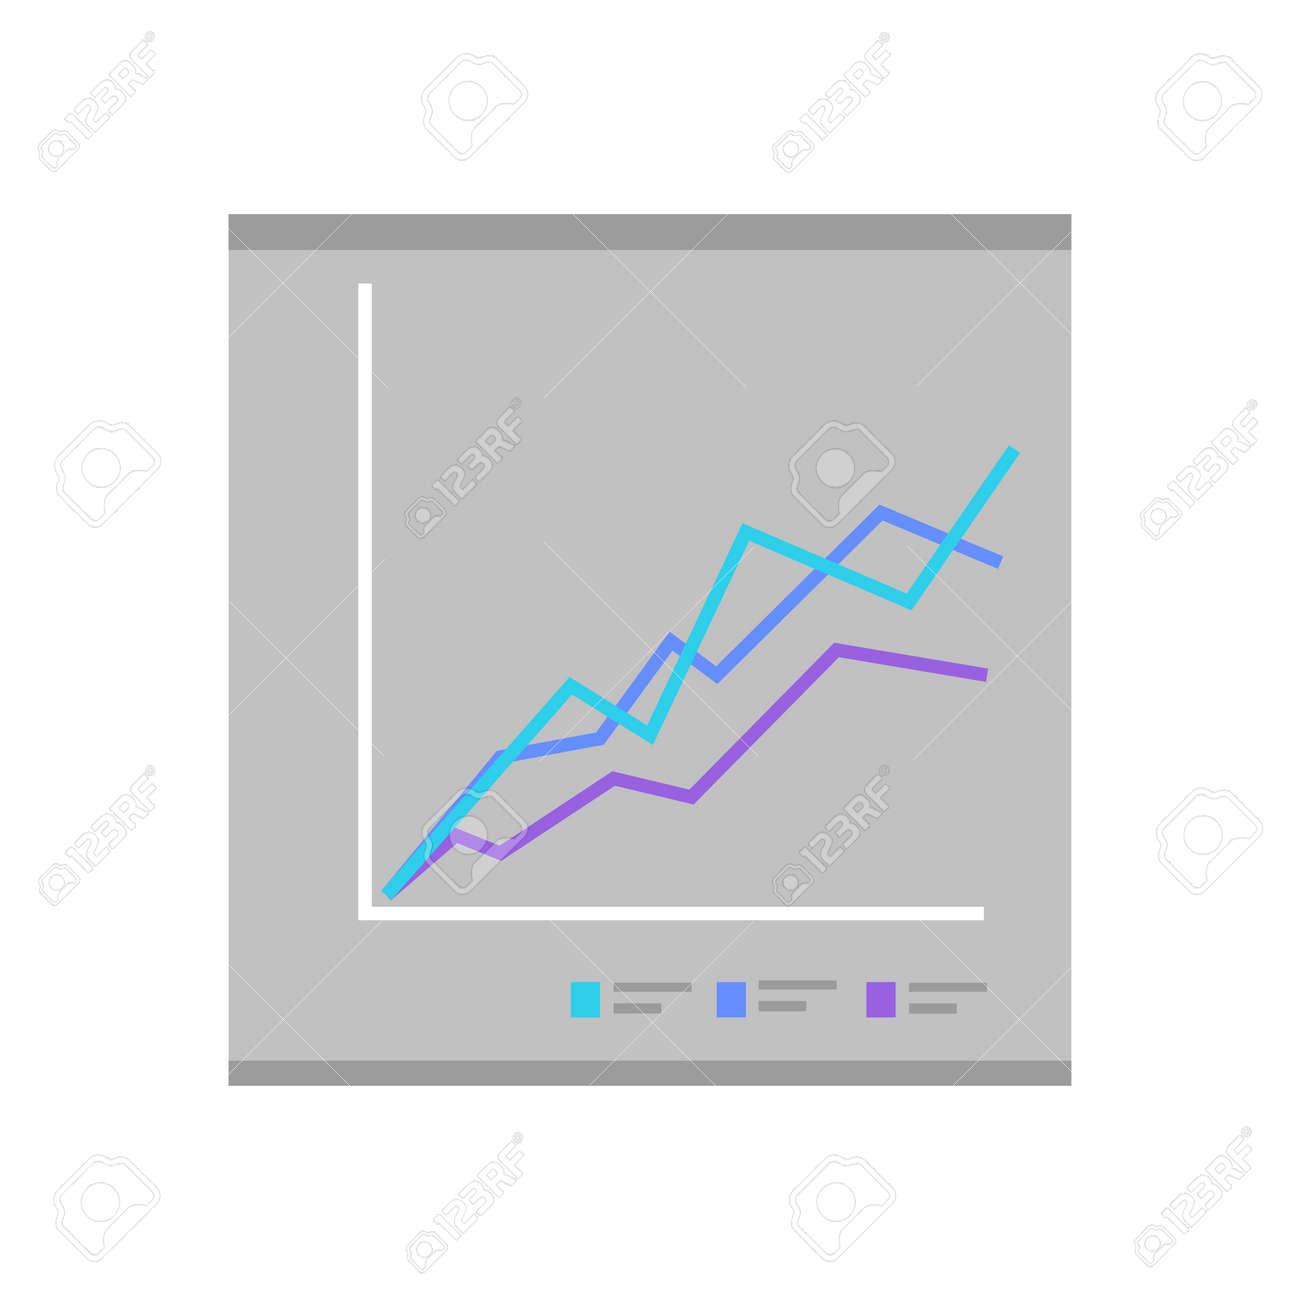 Ausgezeichnet Ral Farben Diagramm Fotos - Bilder für das Lebenslauf ...